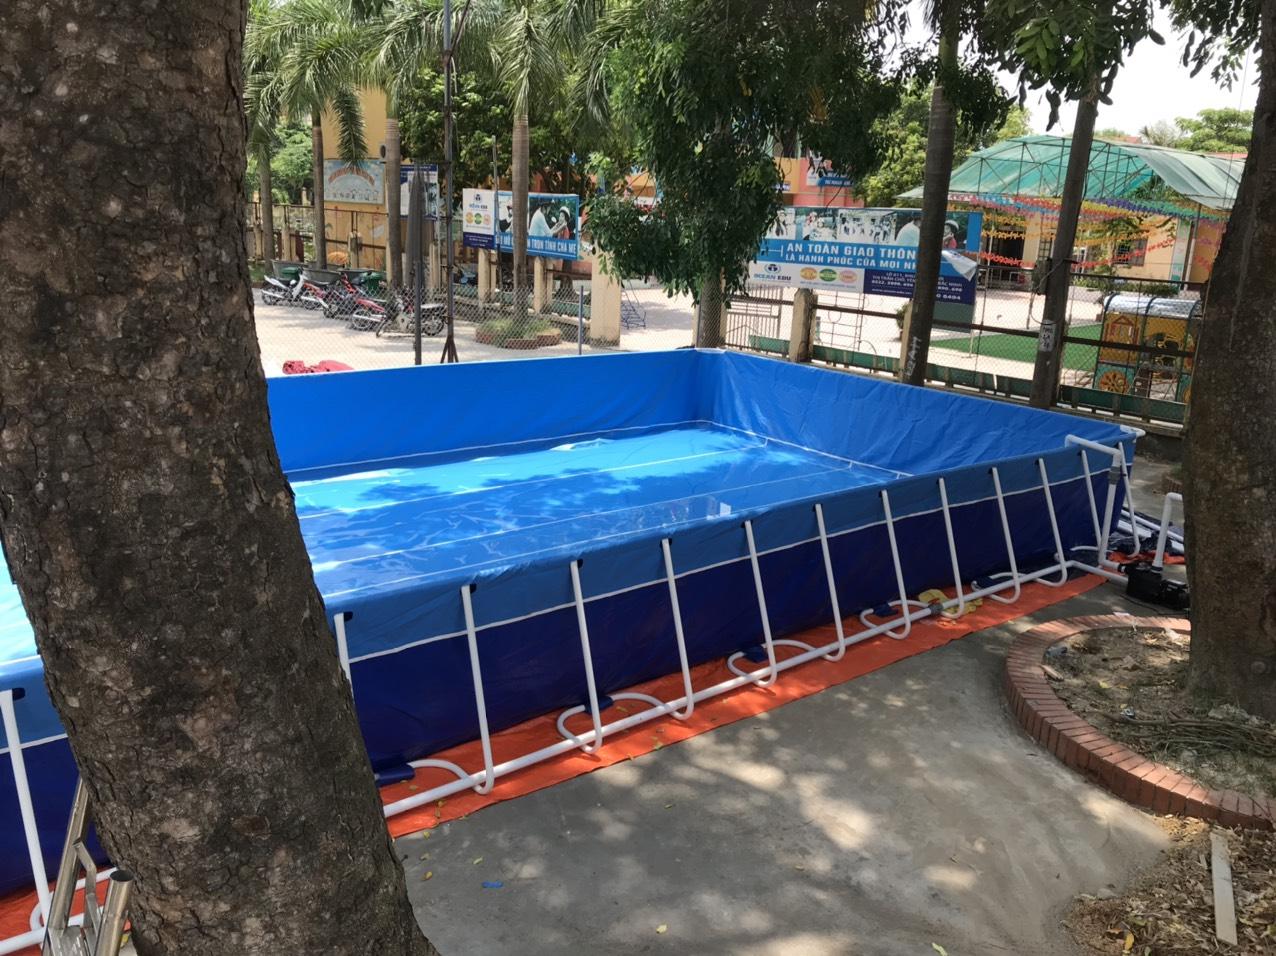 một góc hồ bơi trường học lắp ghép